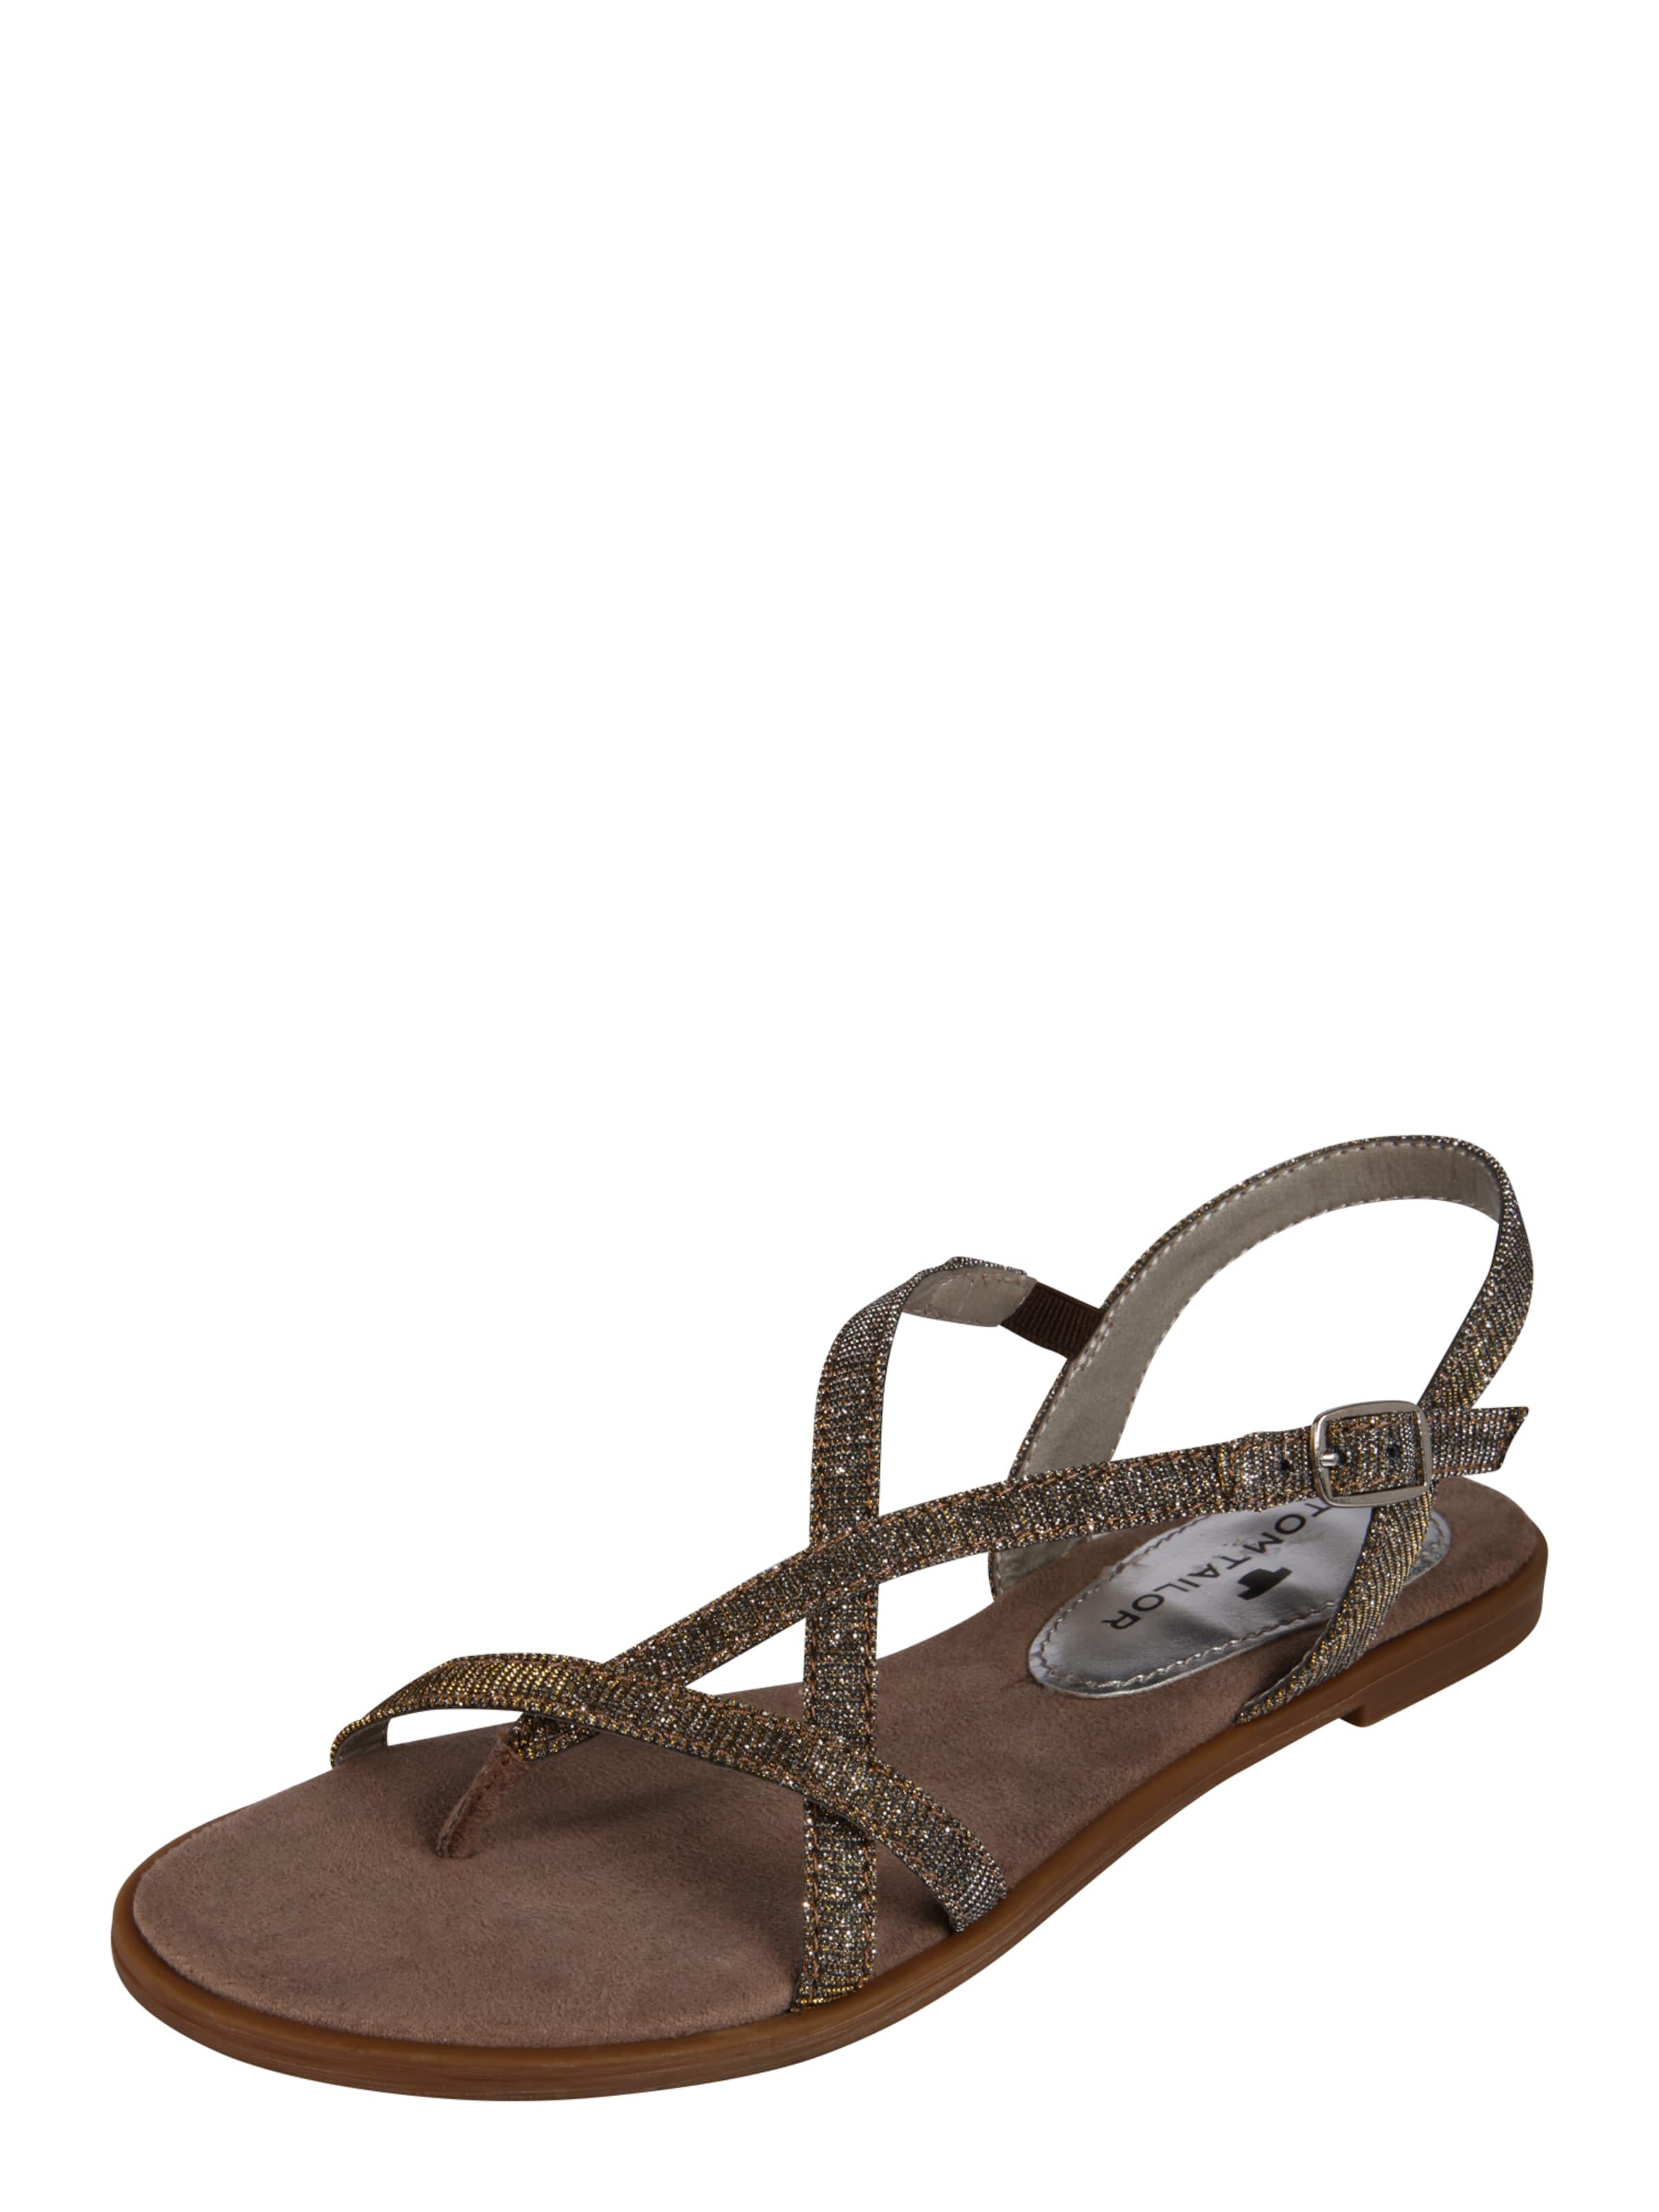 Sandales Sangle Tamaris Avec Bronze « Disco » P2PIPZCj